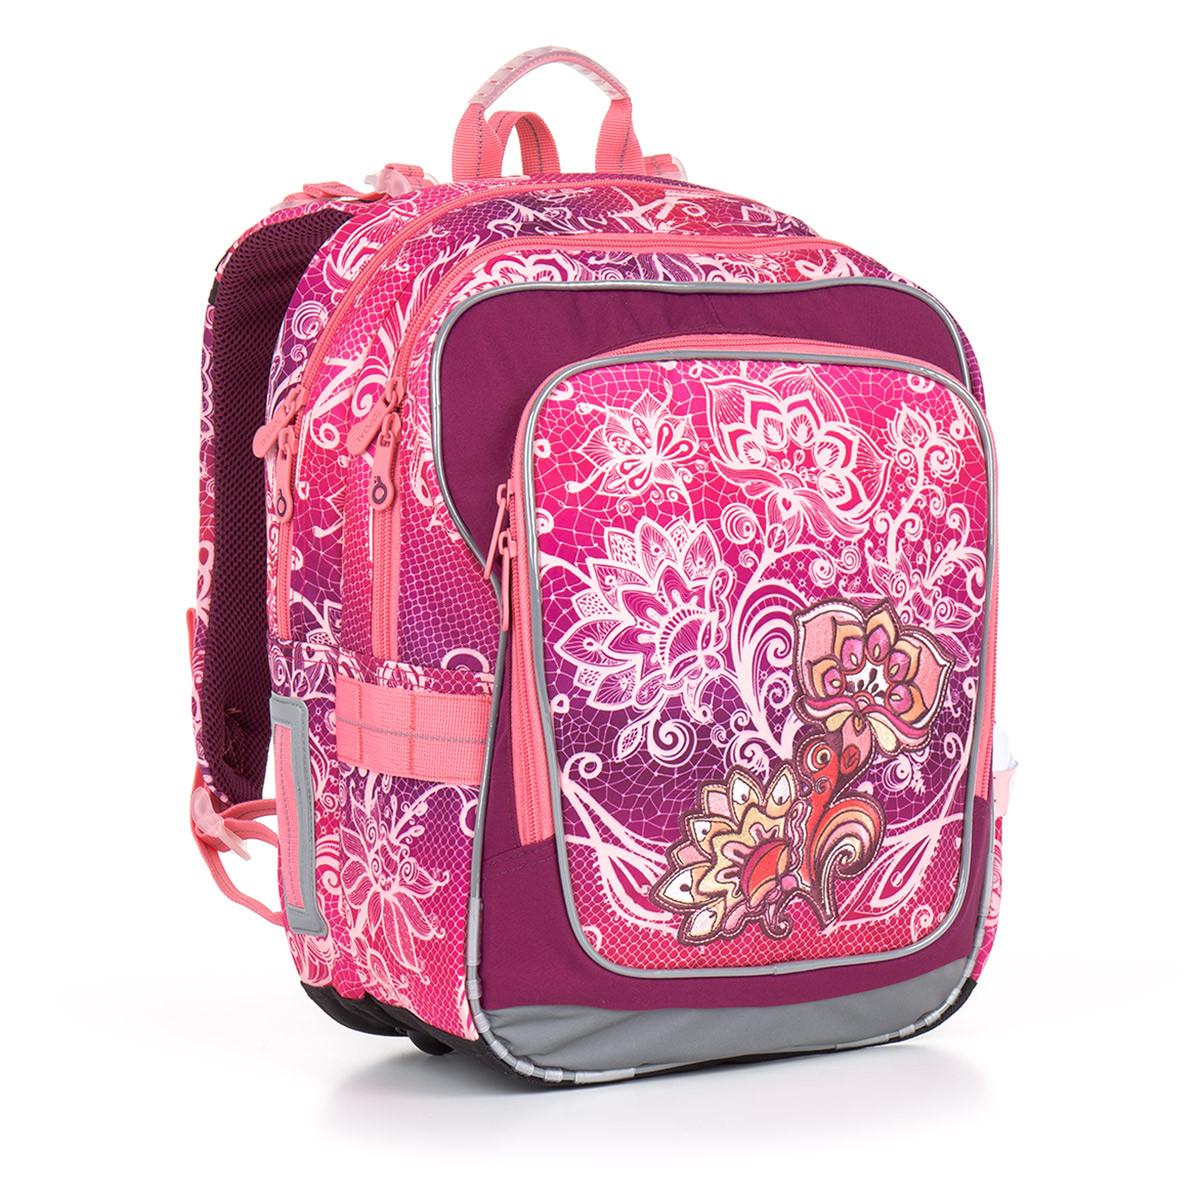 10df72d827 Školní batoh Topgal - CHI 863 H - Pink